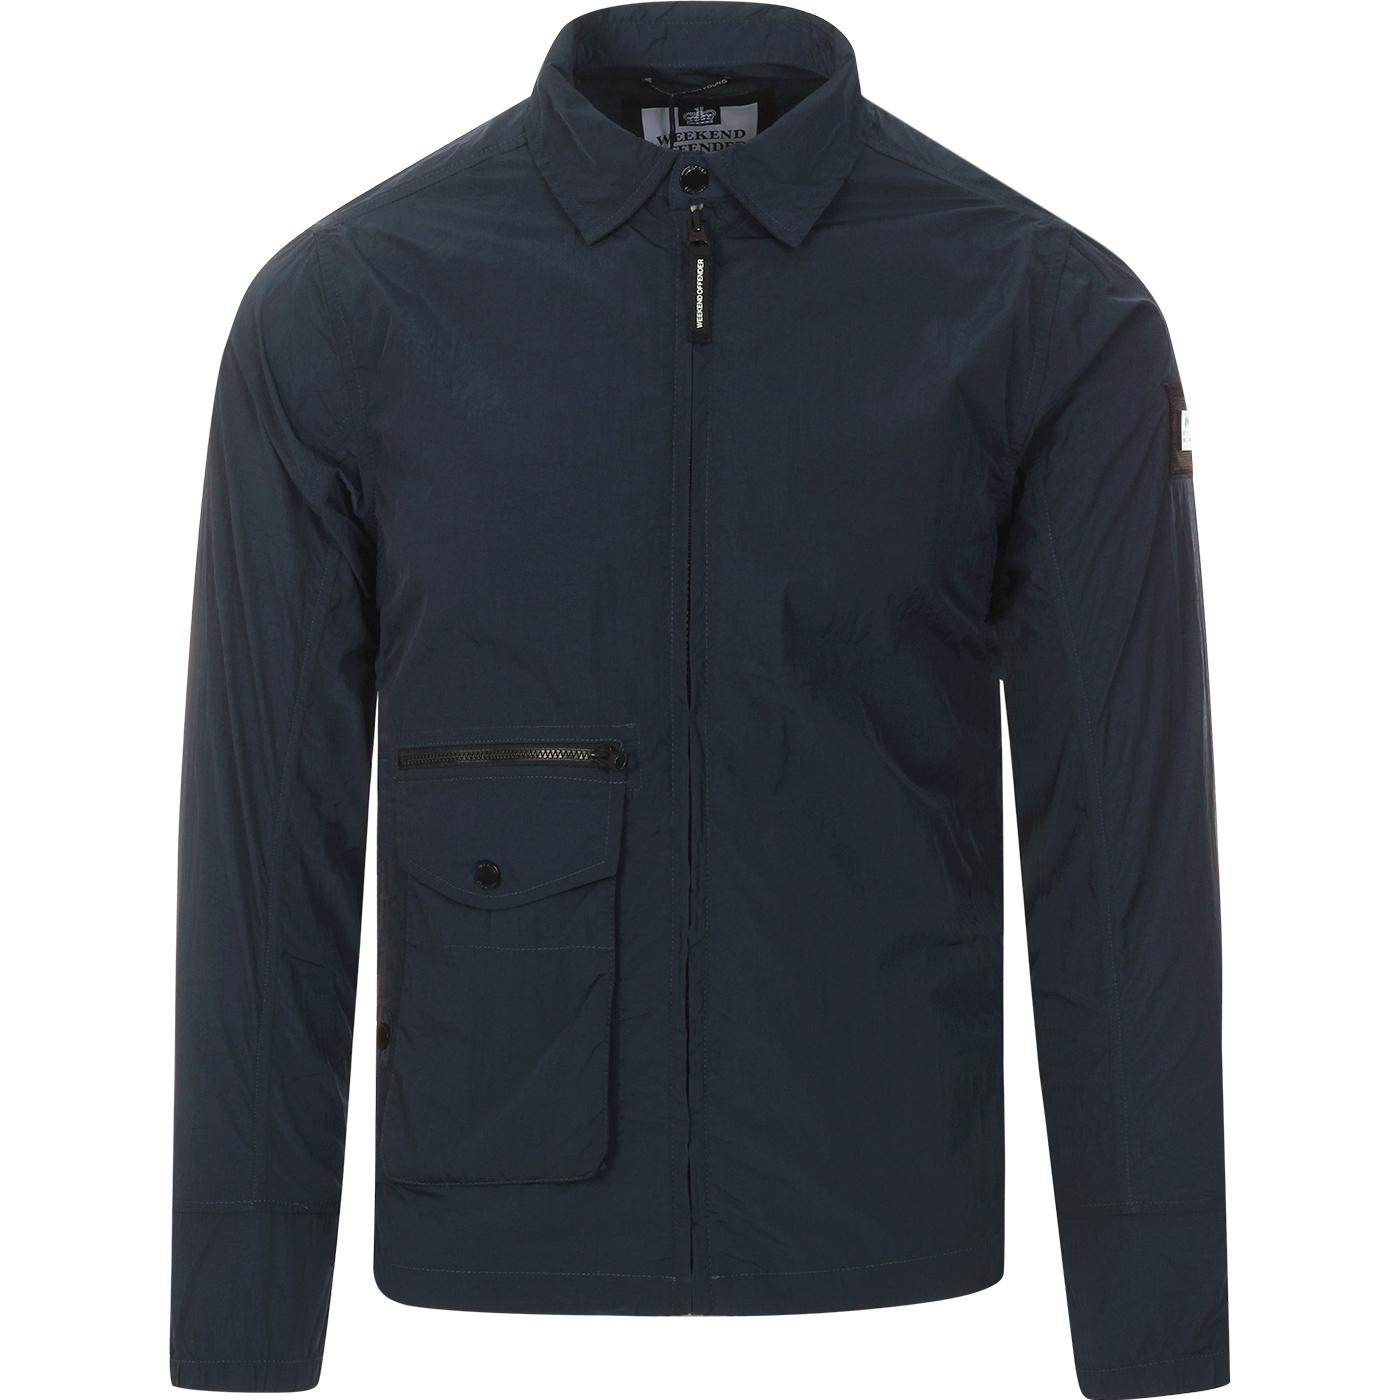 Vinnie WEEKEND OFFENDER Retro Shirt Jacket (Navy)